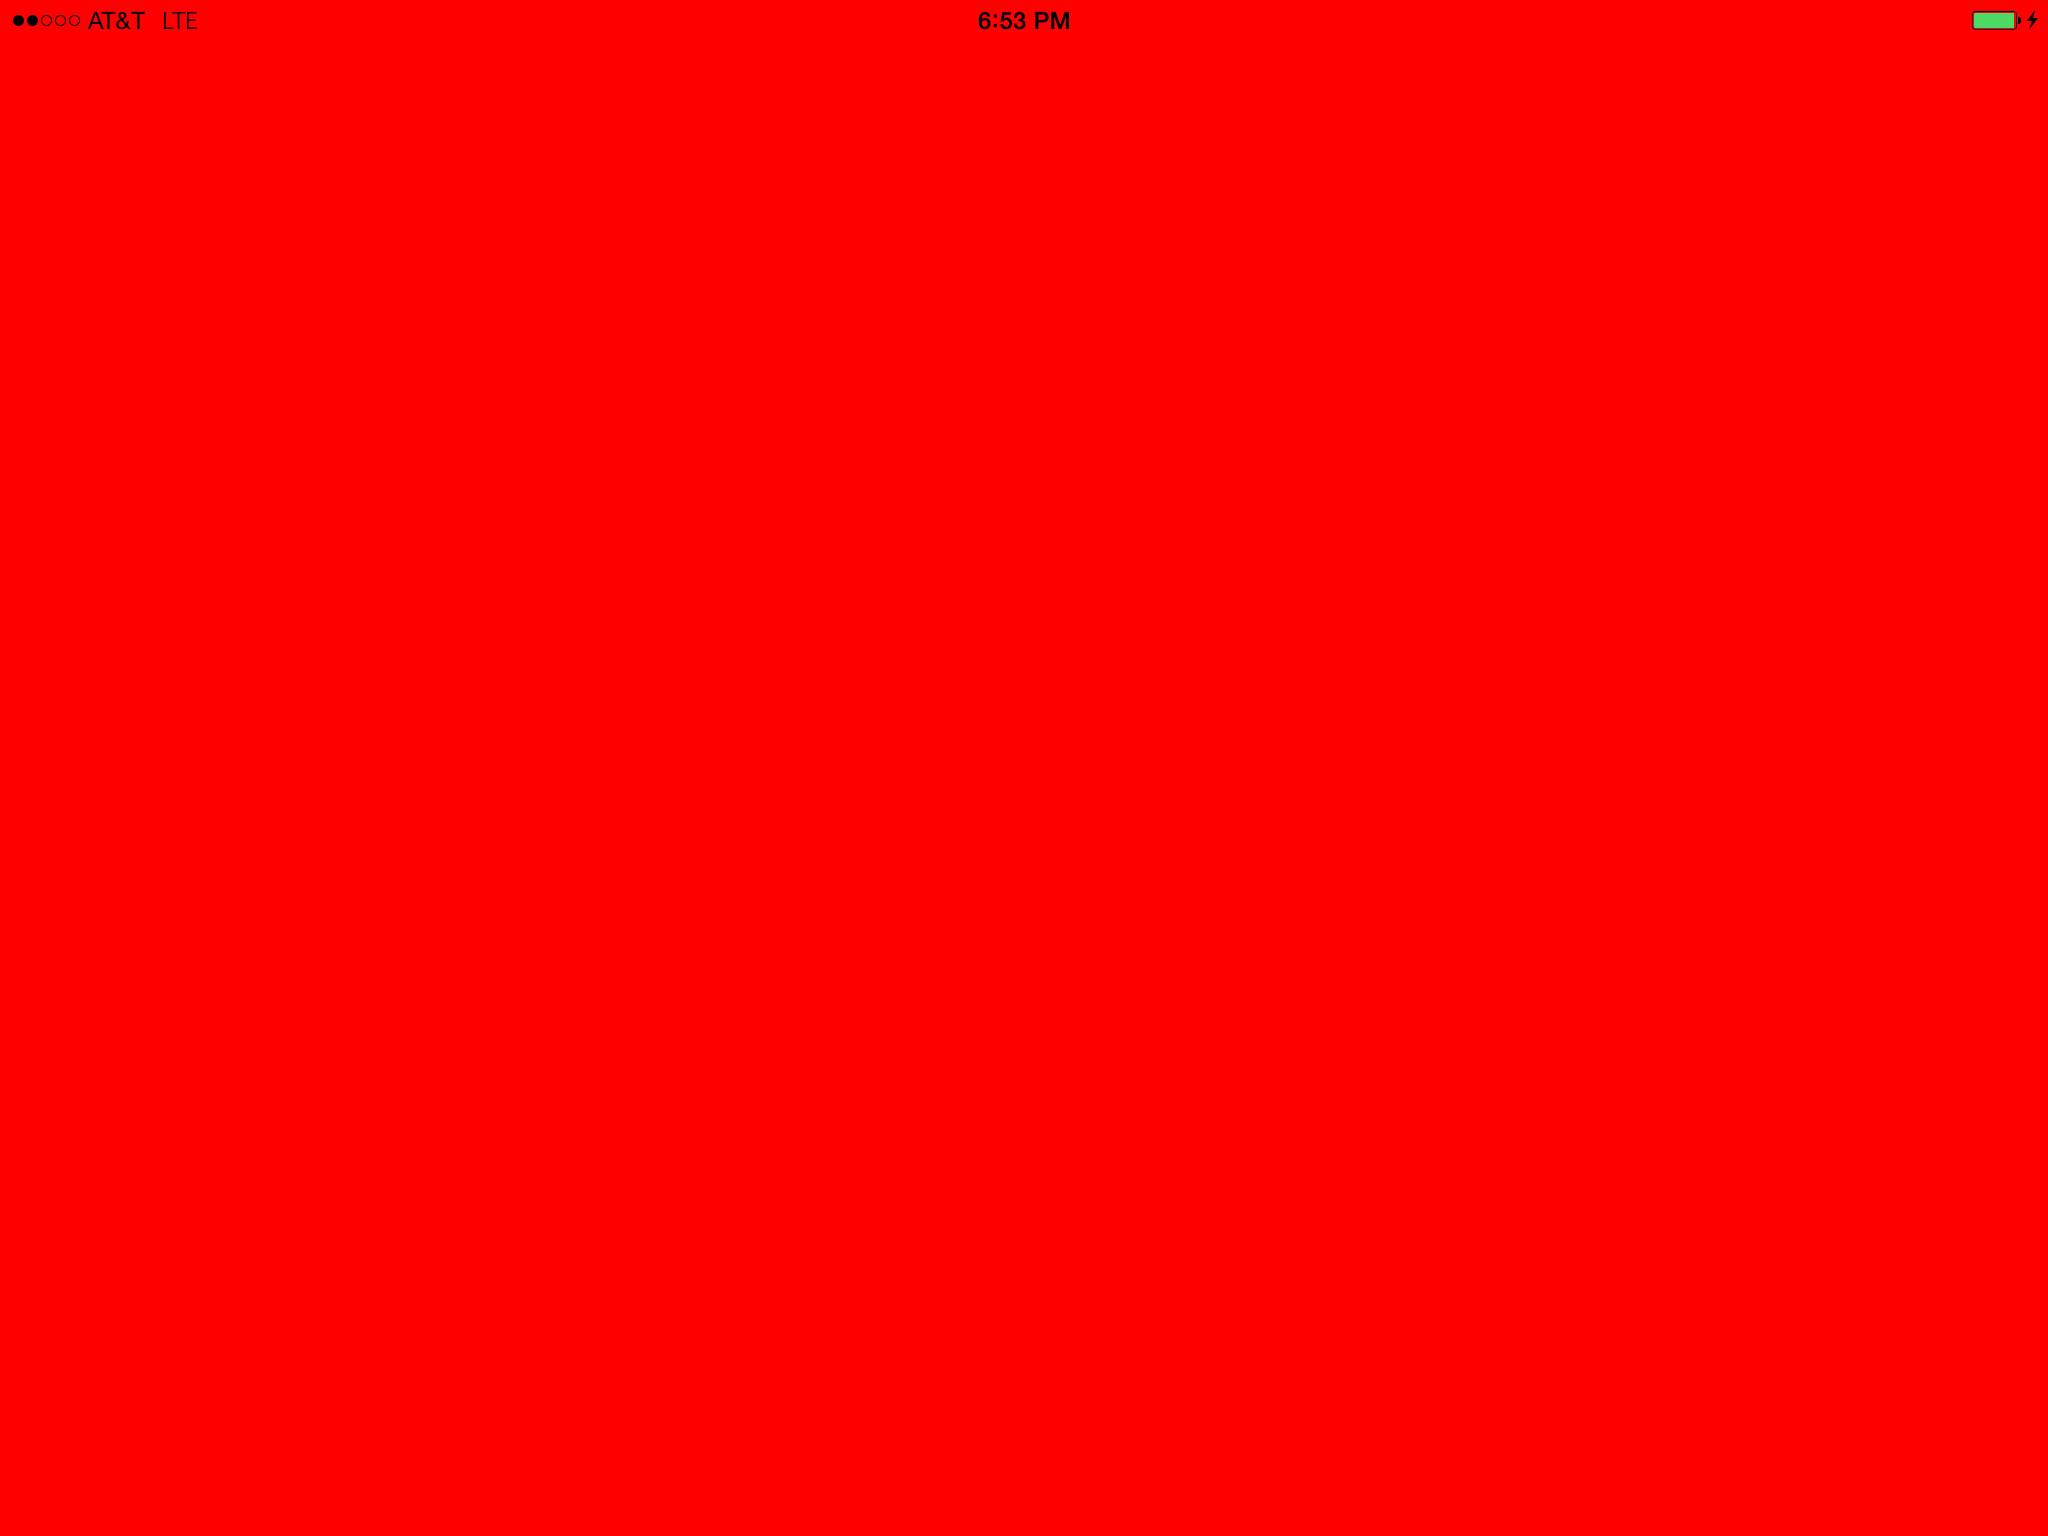 Plain Color Red